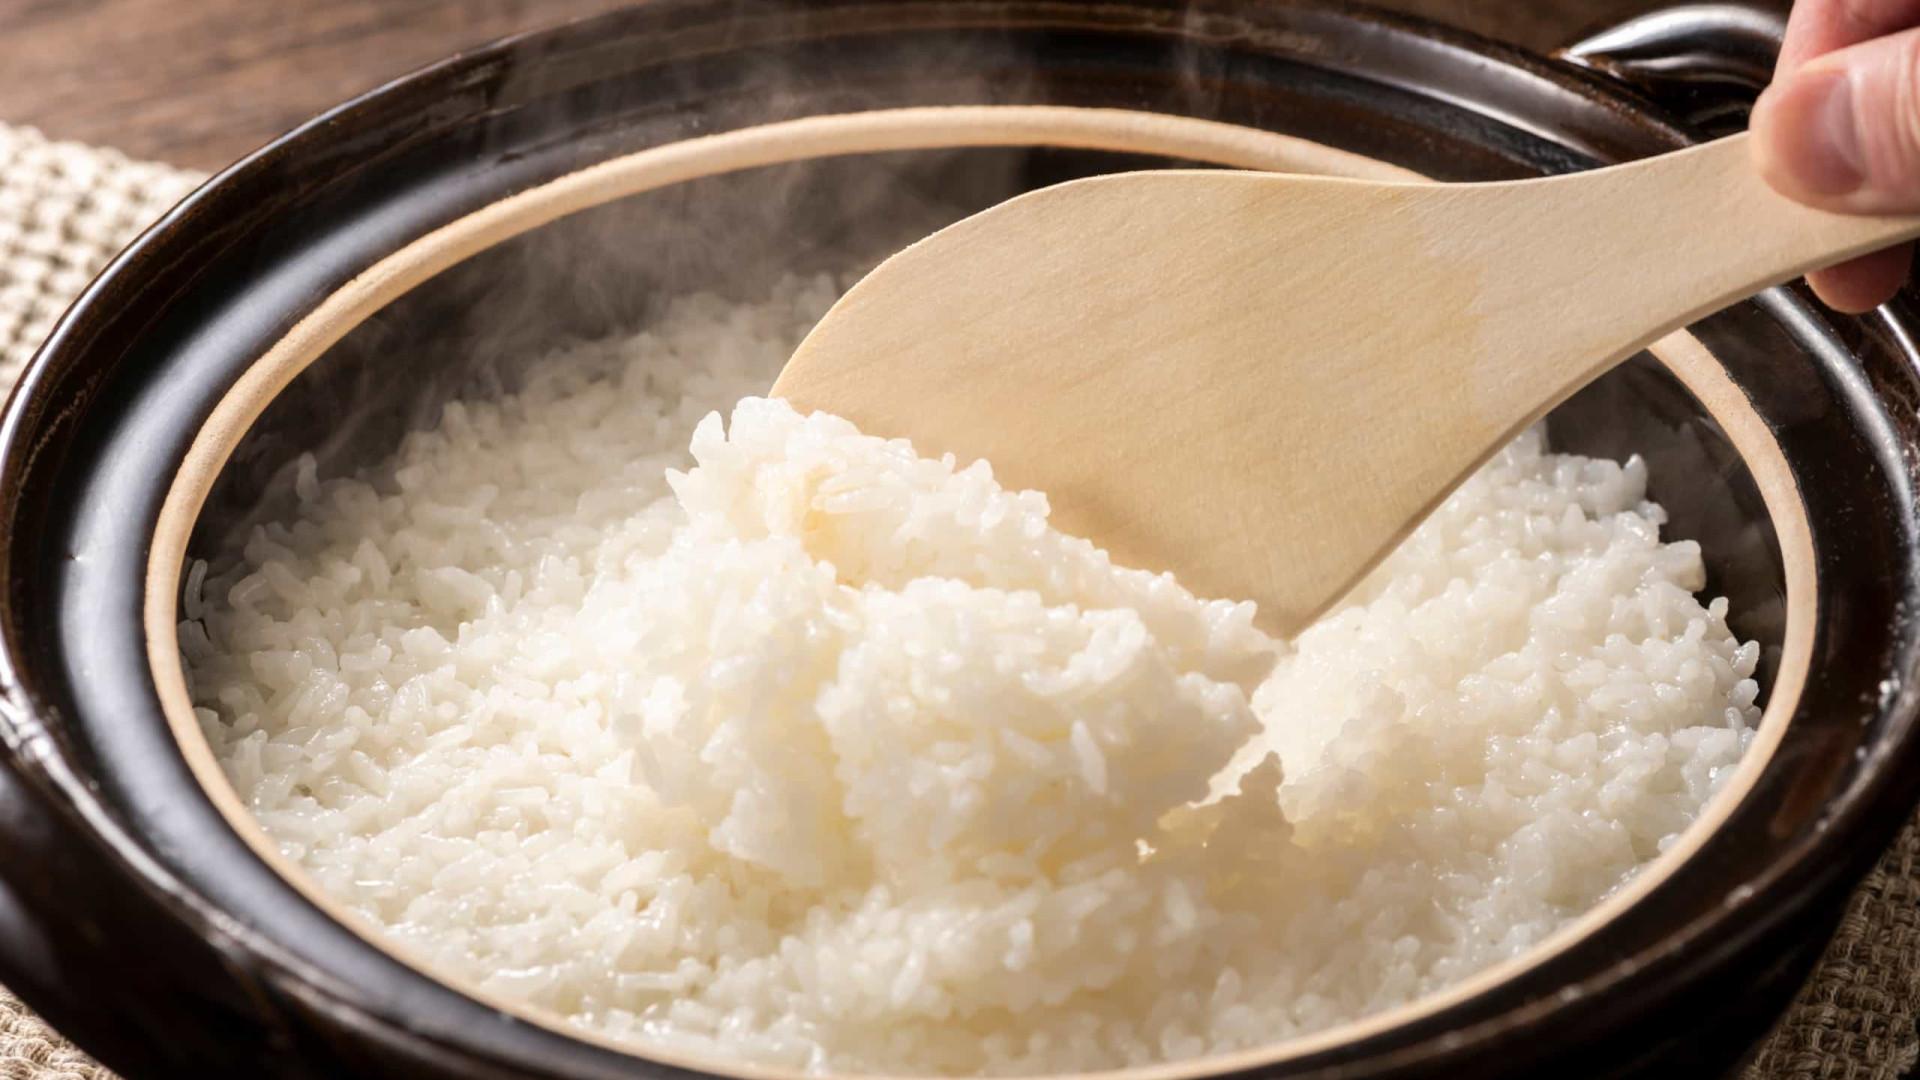 Queimou o arroz? Recupere o sabor com este truque!